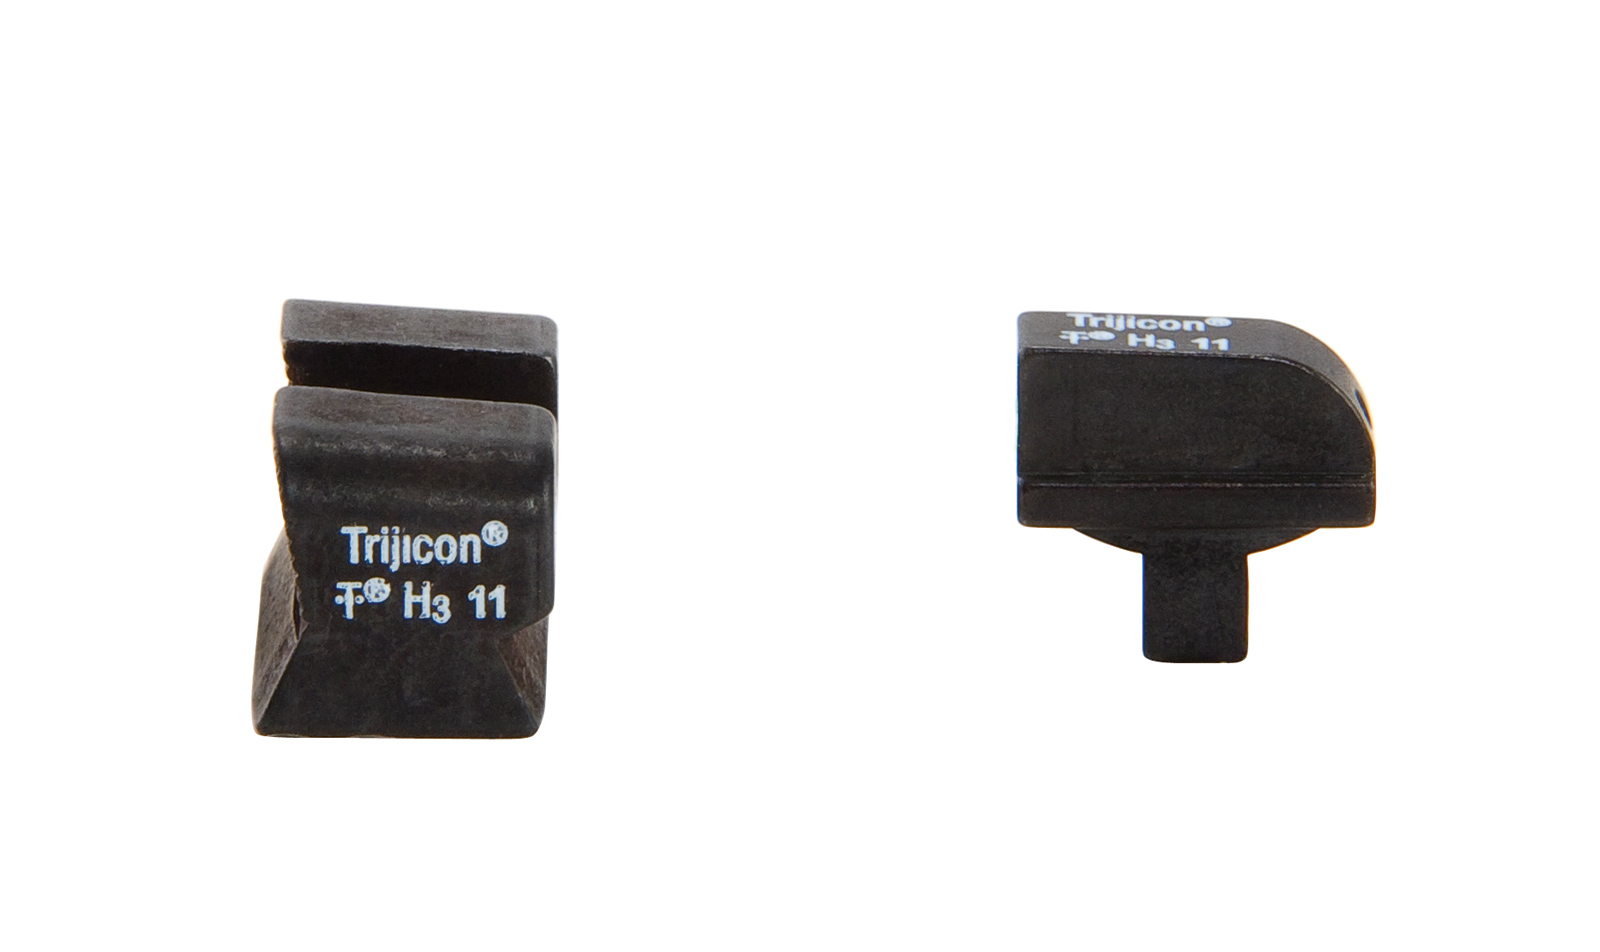 CA110-C-600816 angle 2